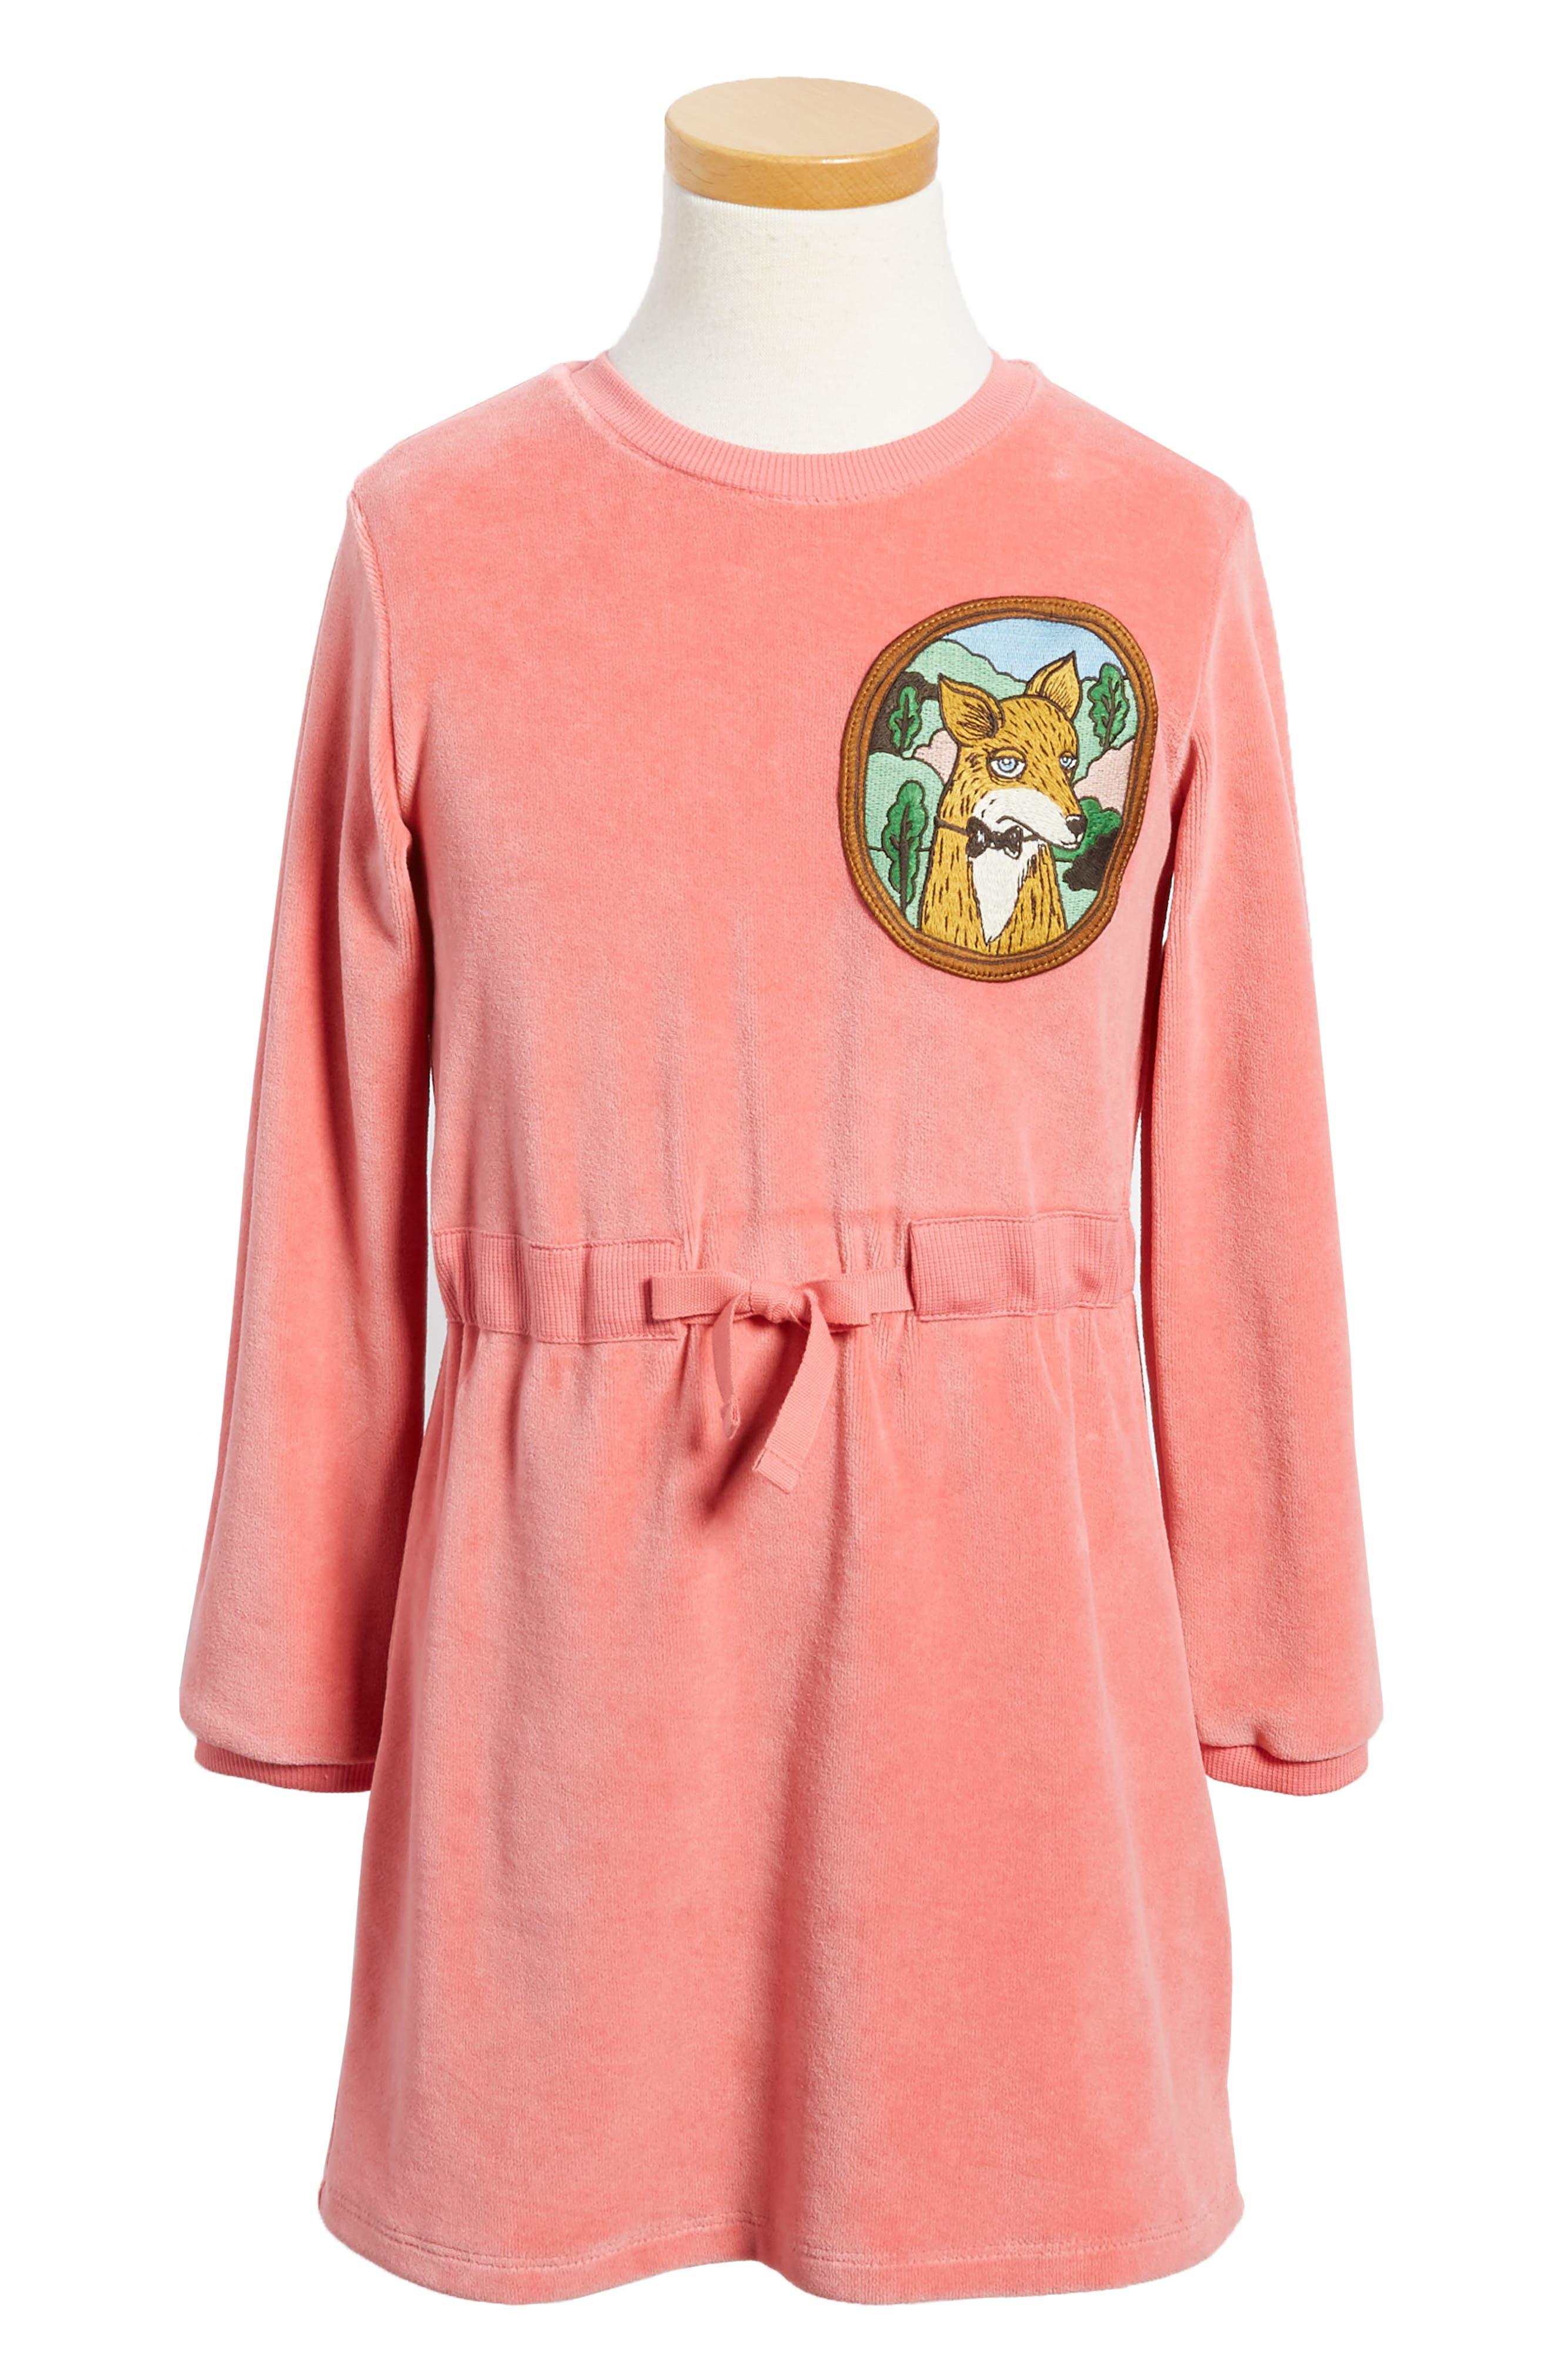 Alternate Image 1 Selected - Mini Rodini Fox Appliqué Velour Dress (Toddler Girls & Little Girls)